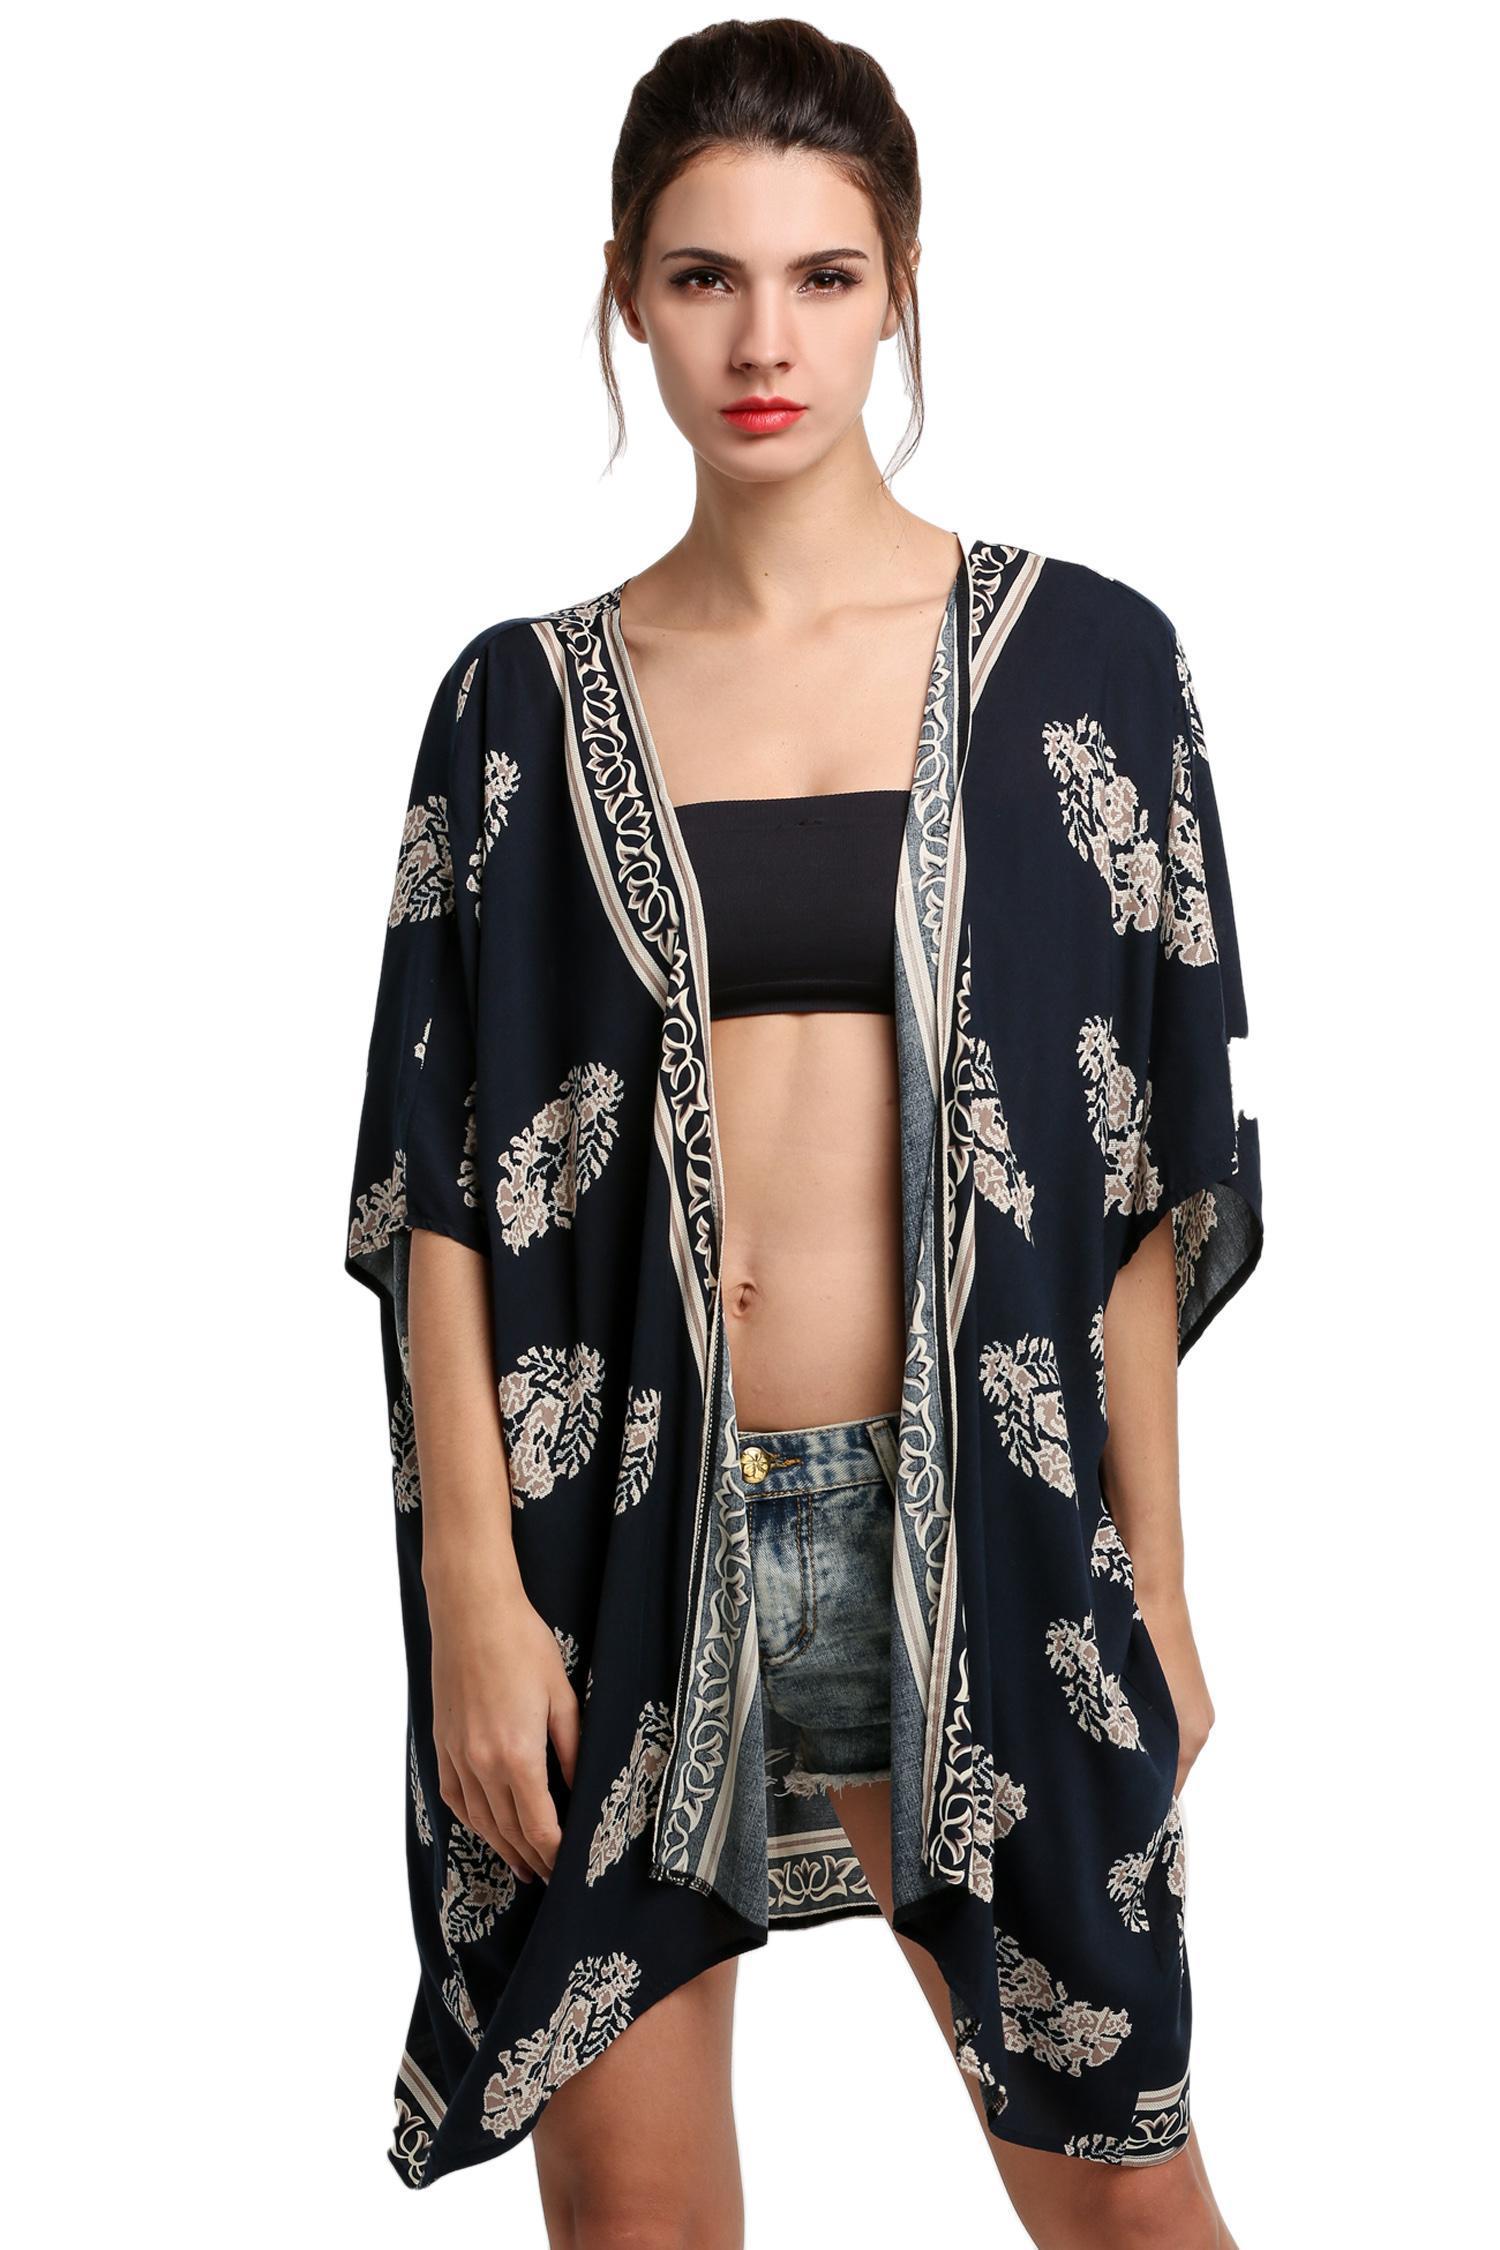 Cardigan De Plage Femme Pour Maillot De Bain Kimono Bleu Marine